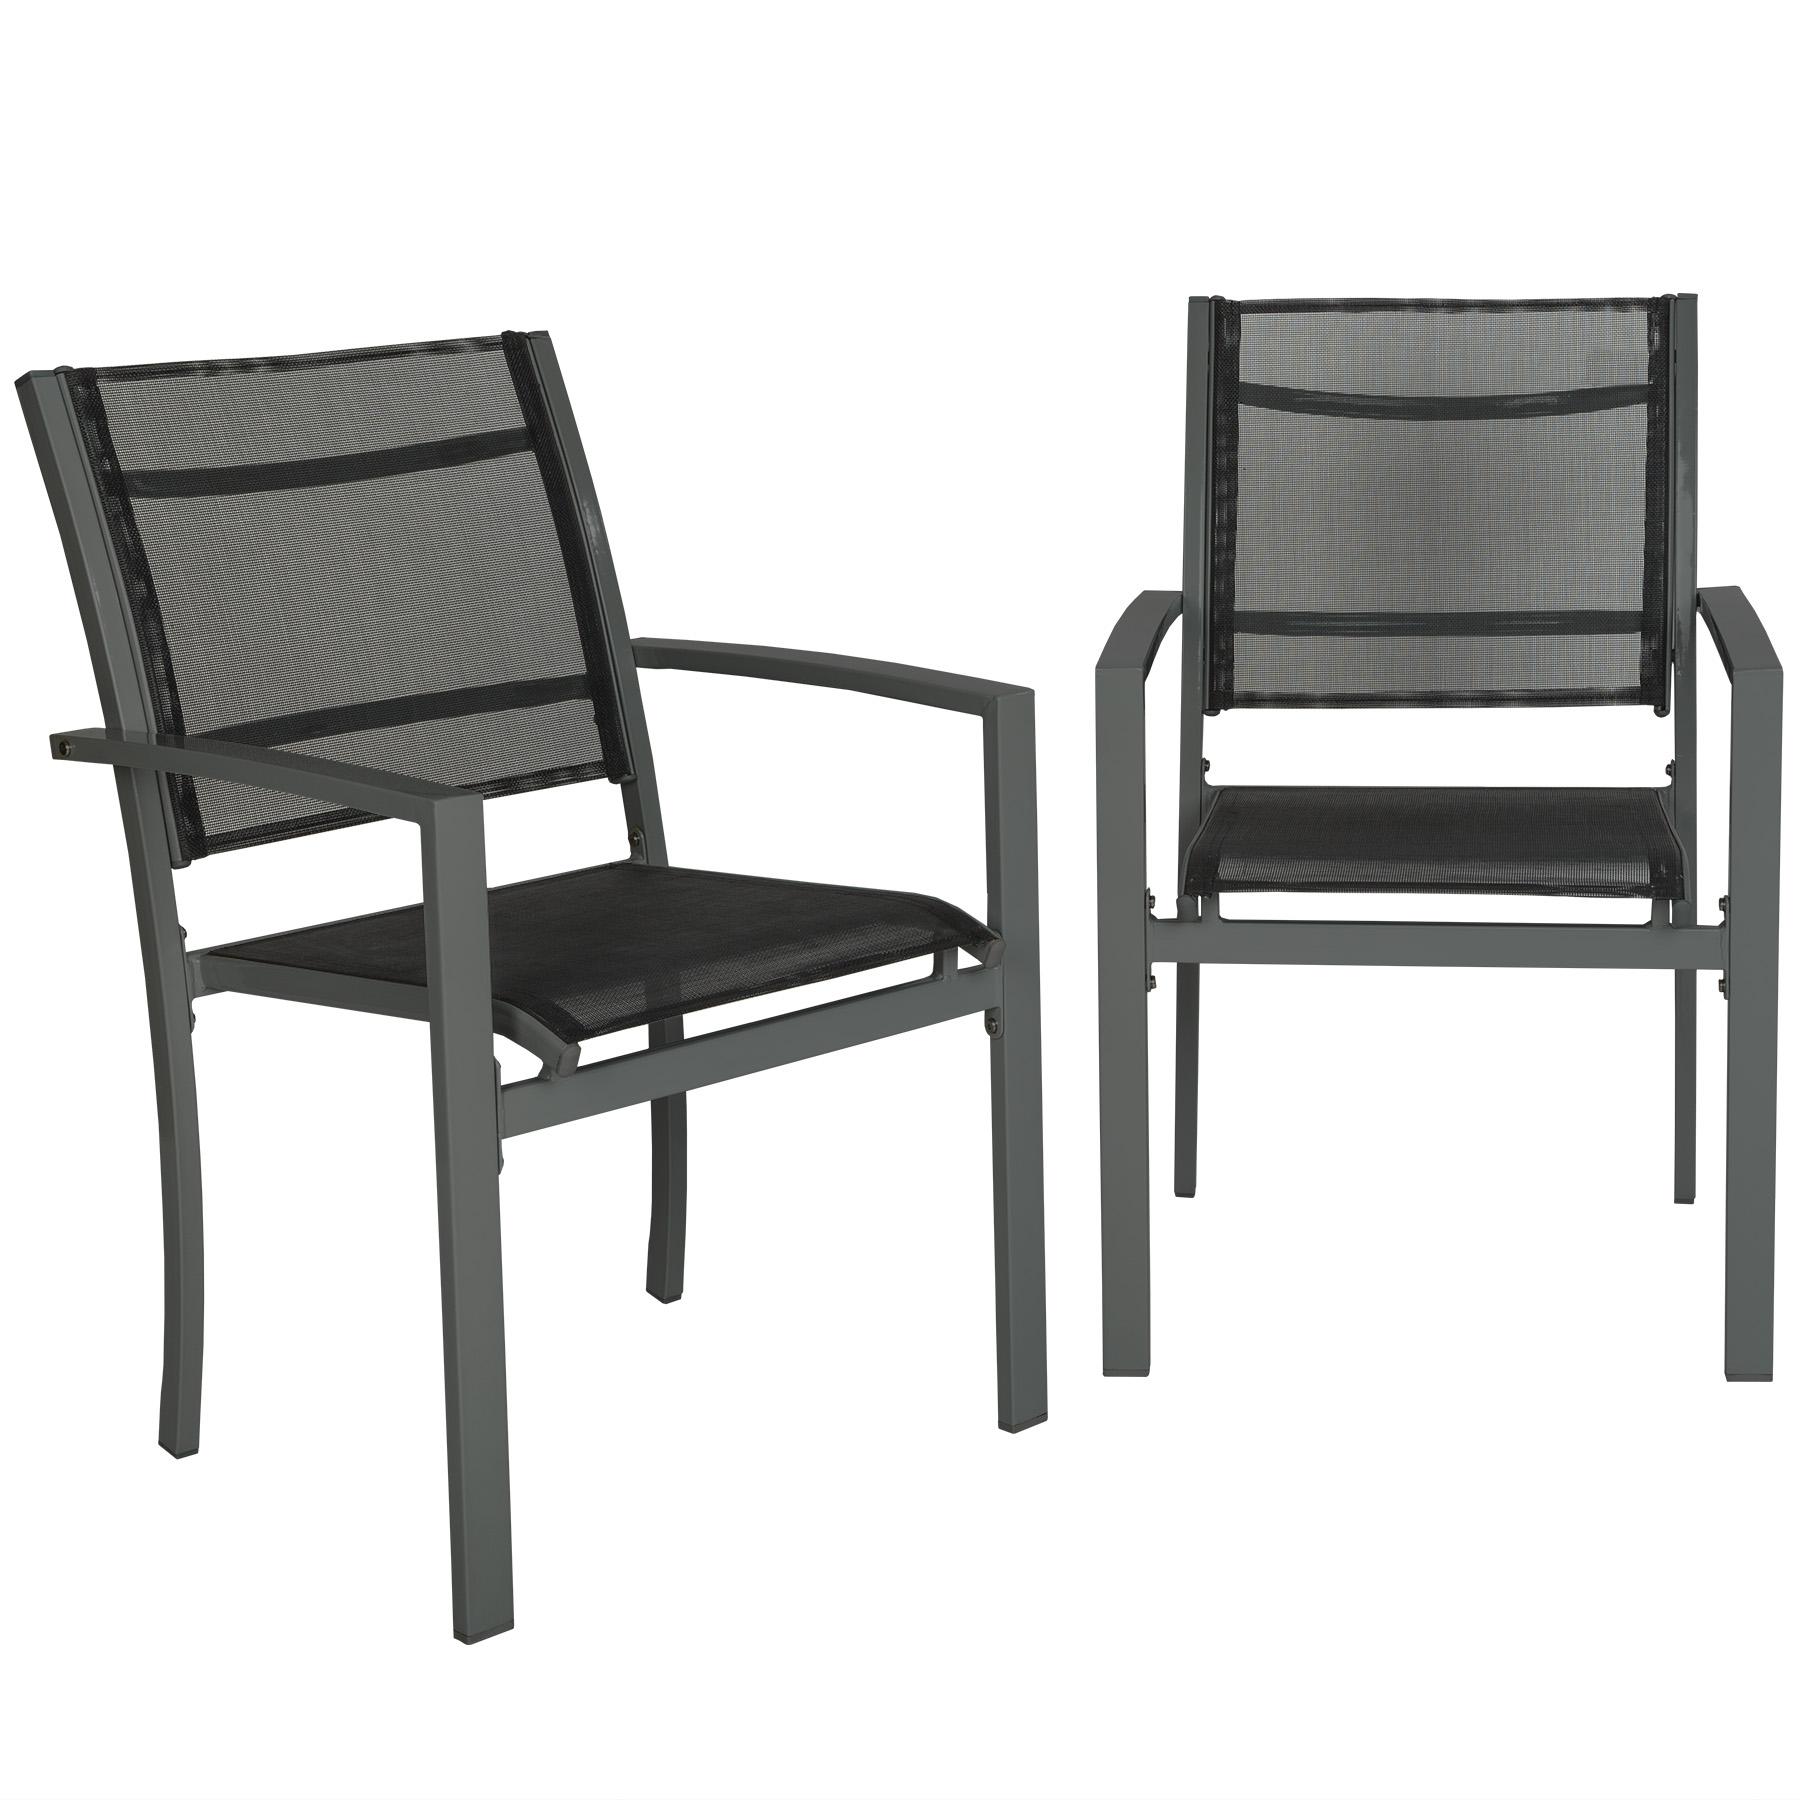 2er Set Gartenstuhl Balkonstühle Gartensessel Terrasse Metall Stuhl | EBay